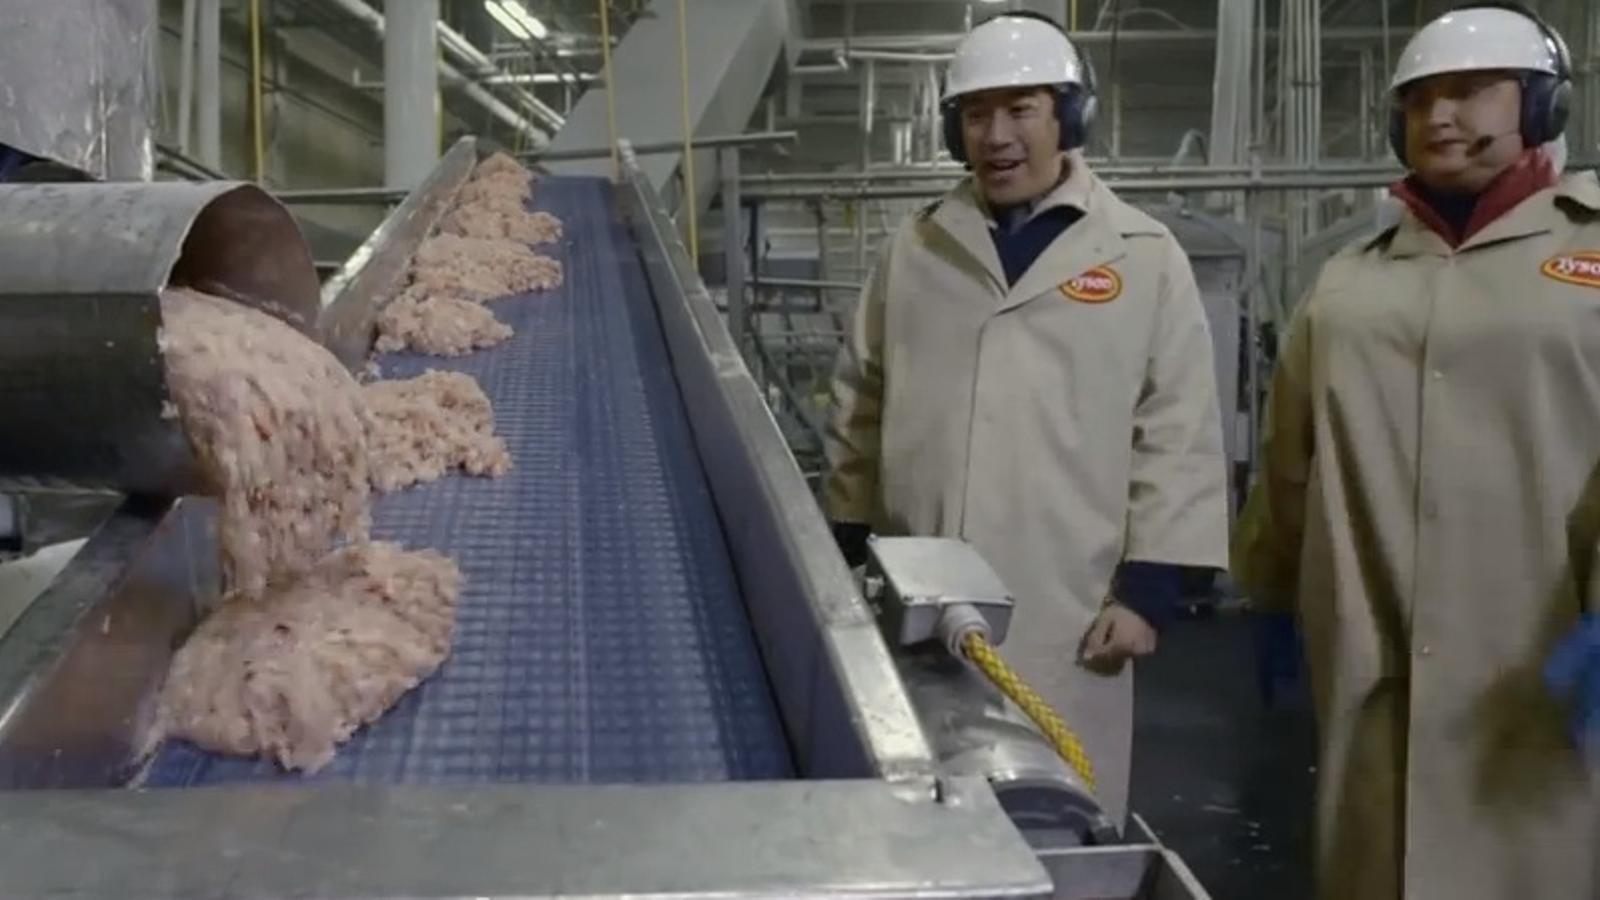 Pollastre o una massa rosa indeterminada? McDonald's converteix en viral el vídeo on explica com es fan els seus McNuggets